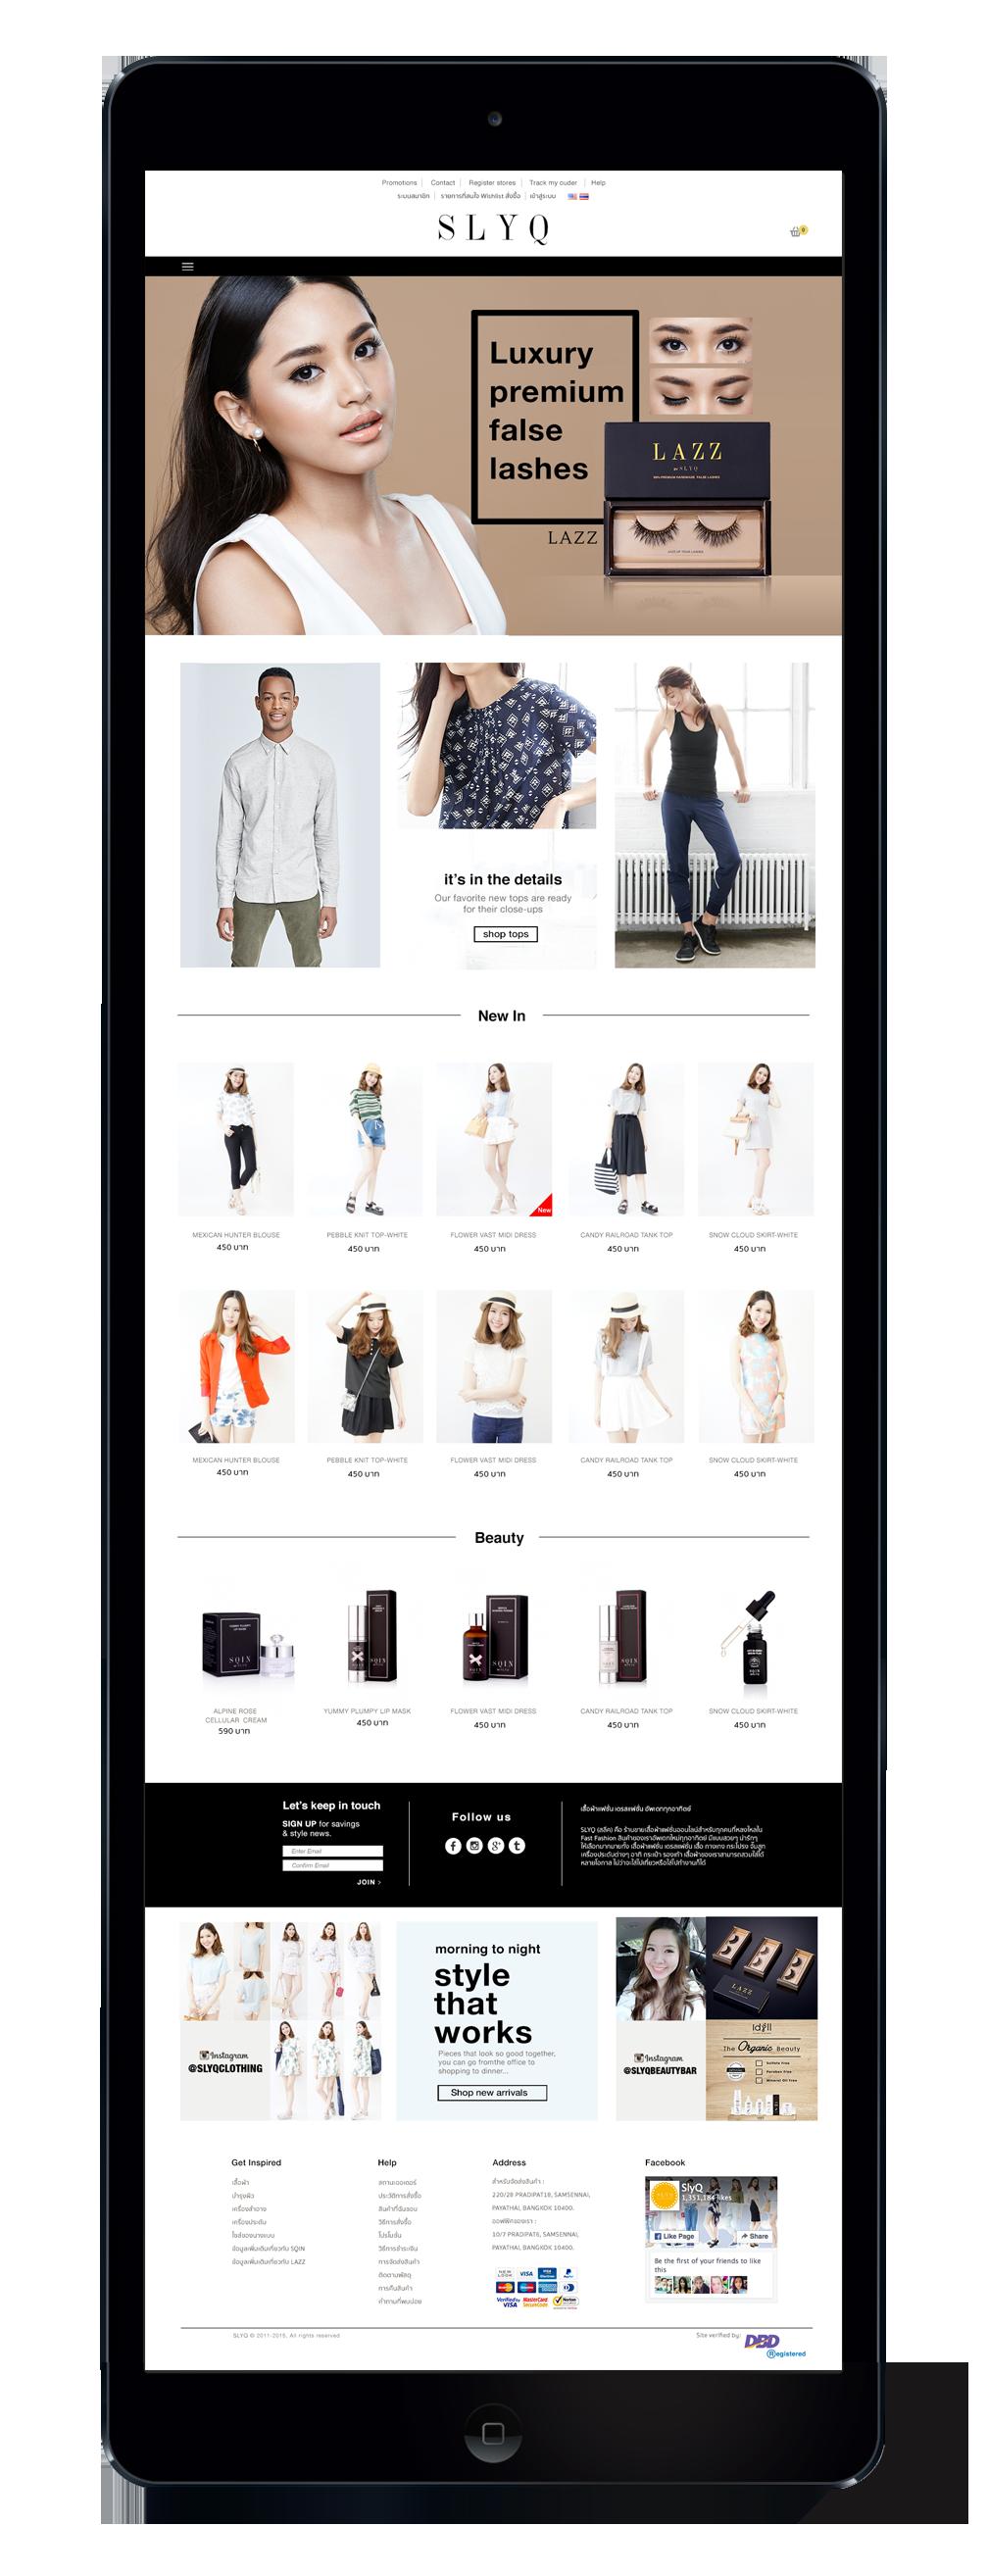 SLYQ-(MG)_iPad